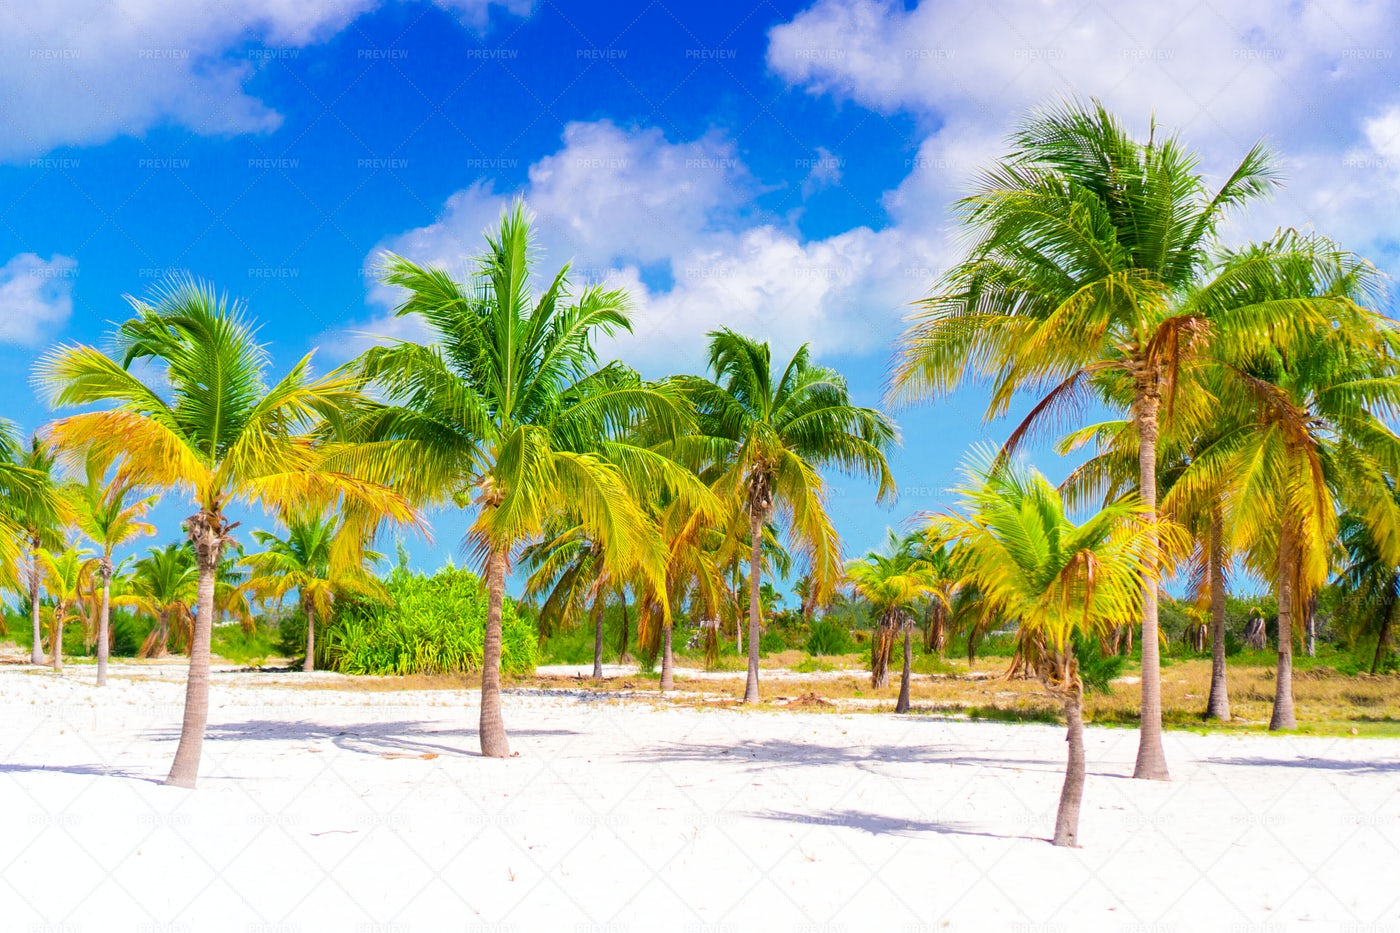 Palm Trees On A Sunny Beach: Stock Photos